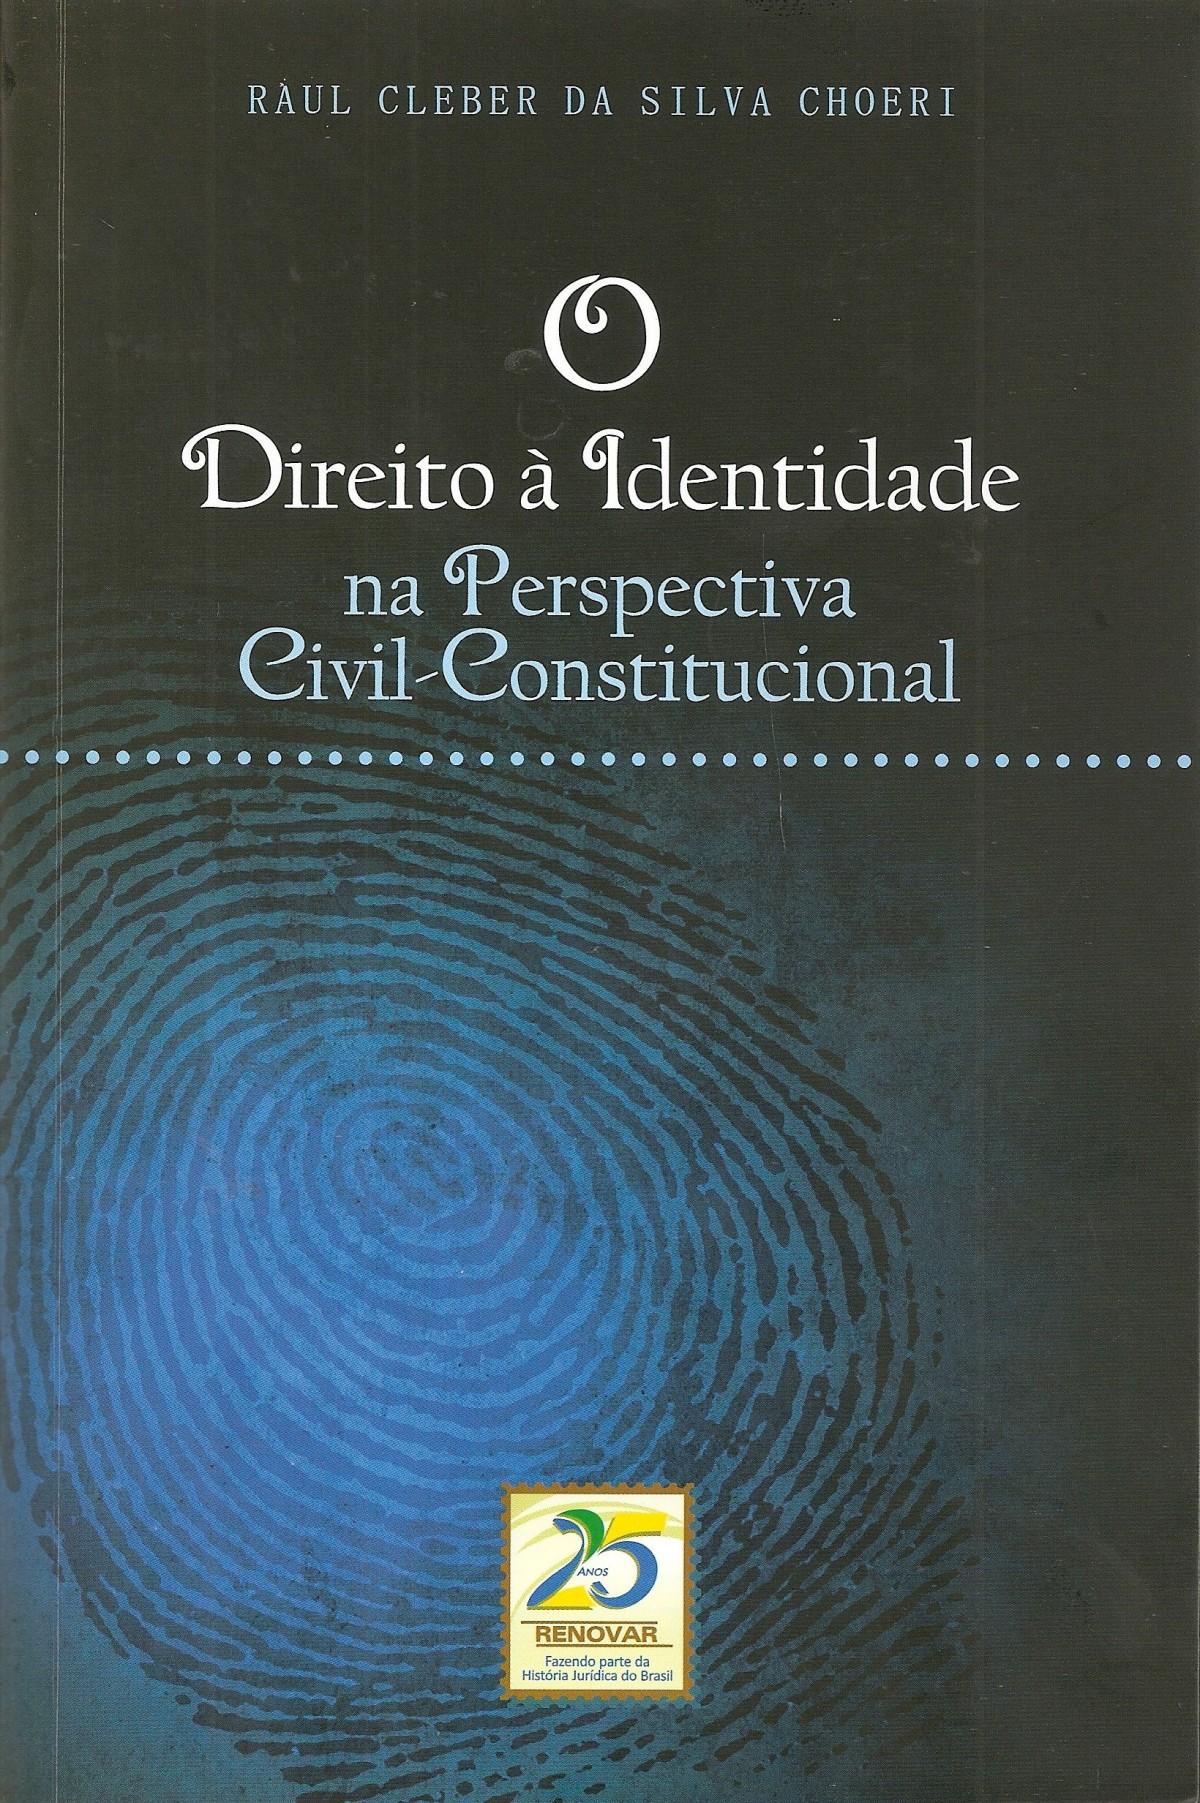 Foto 1 - O Direito à Identidade na Perspectiva Civil-Constitucional